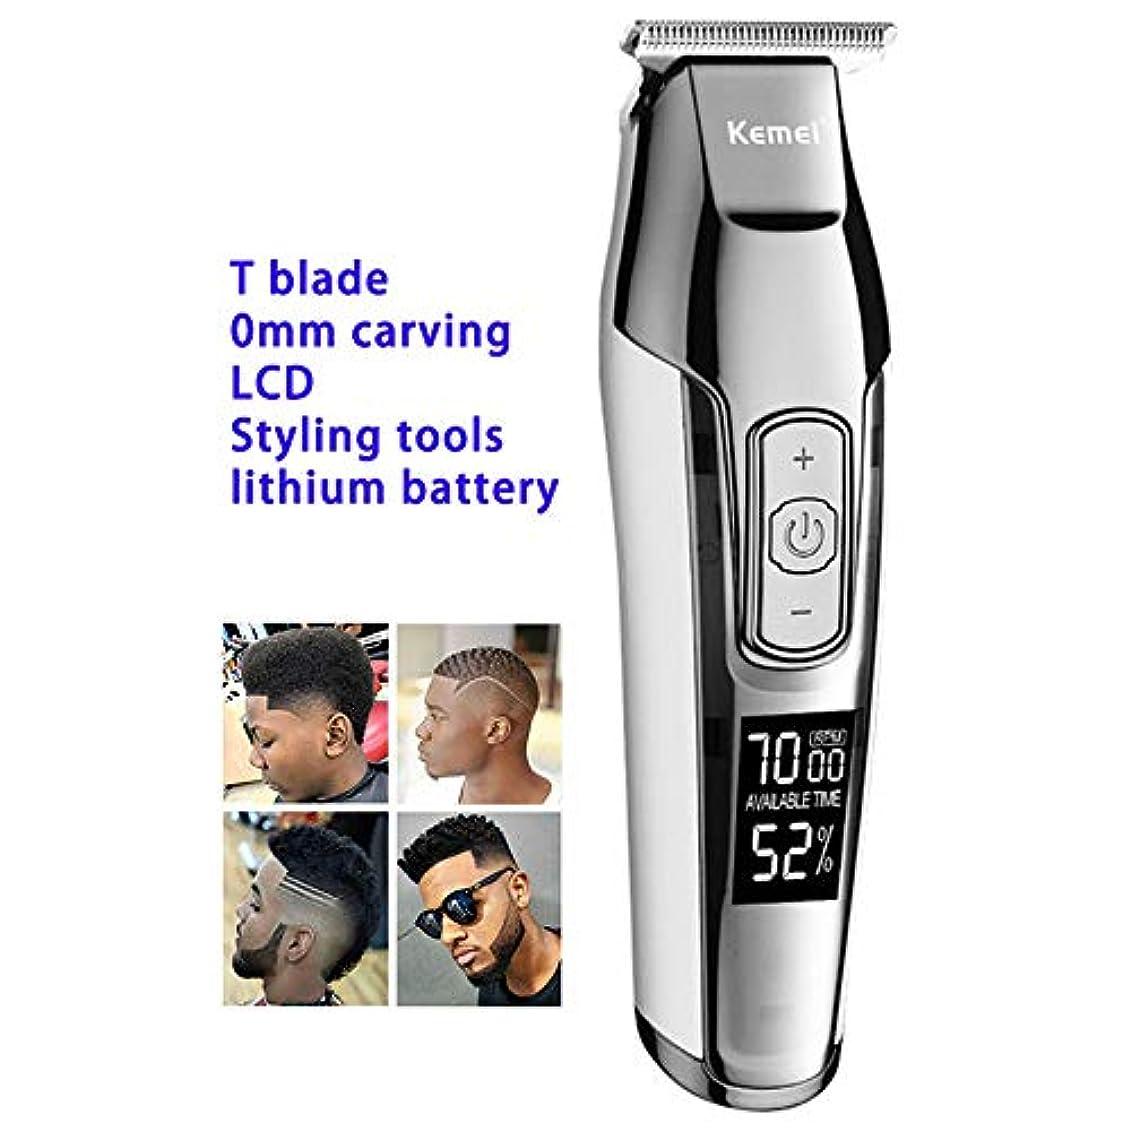 クラック水を飲む番号理容室プロのヘアクリッパーLCDは男性DIYカッター電動散髪機用の0mmのBaldheadedあごひげ髪トリマーを表示します